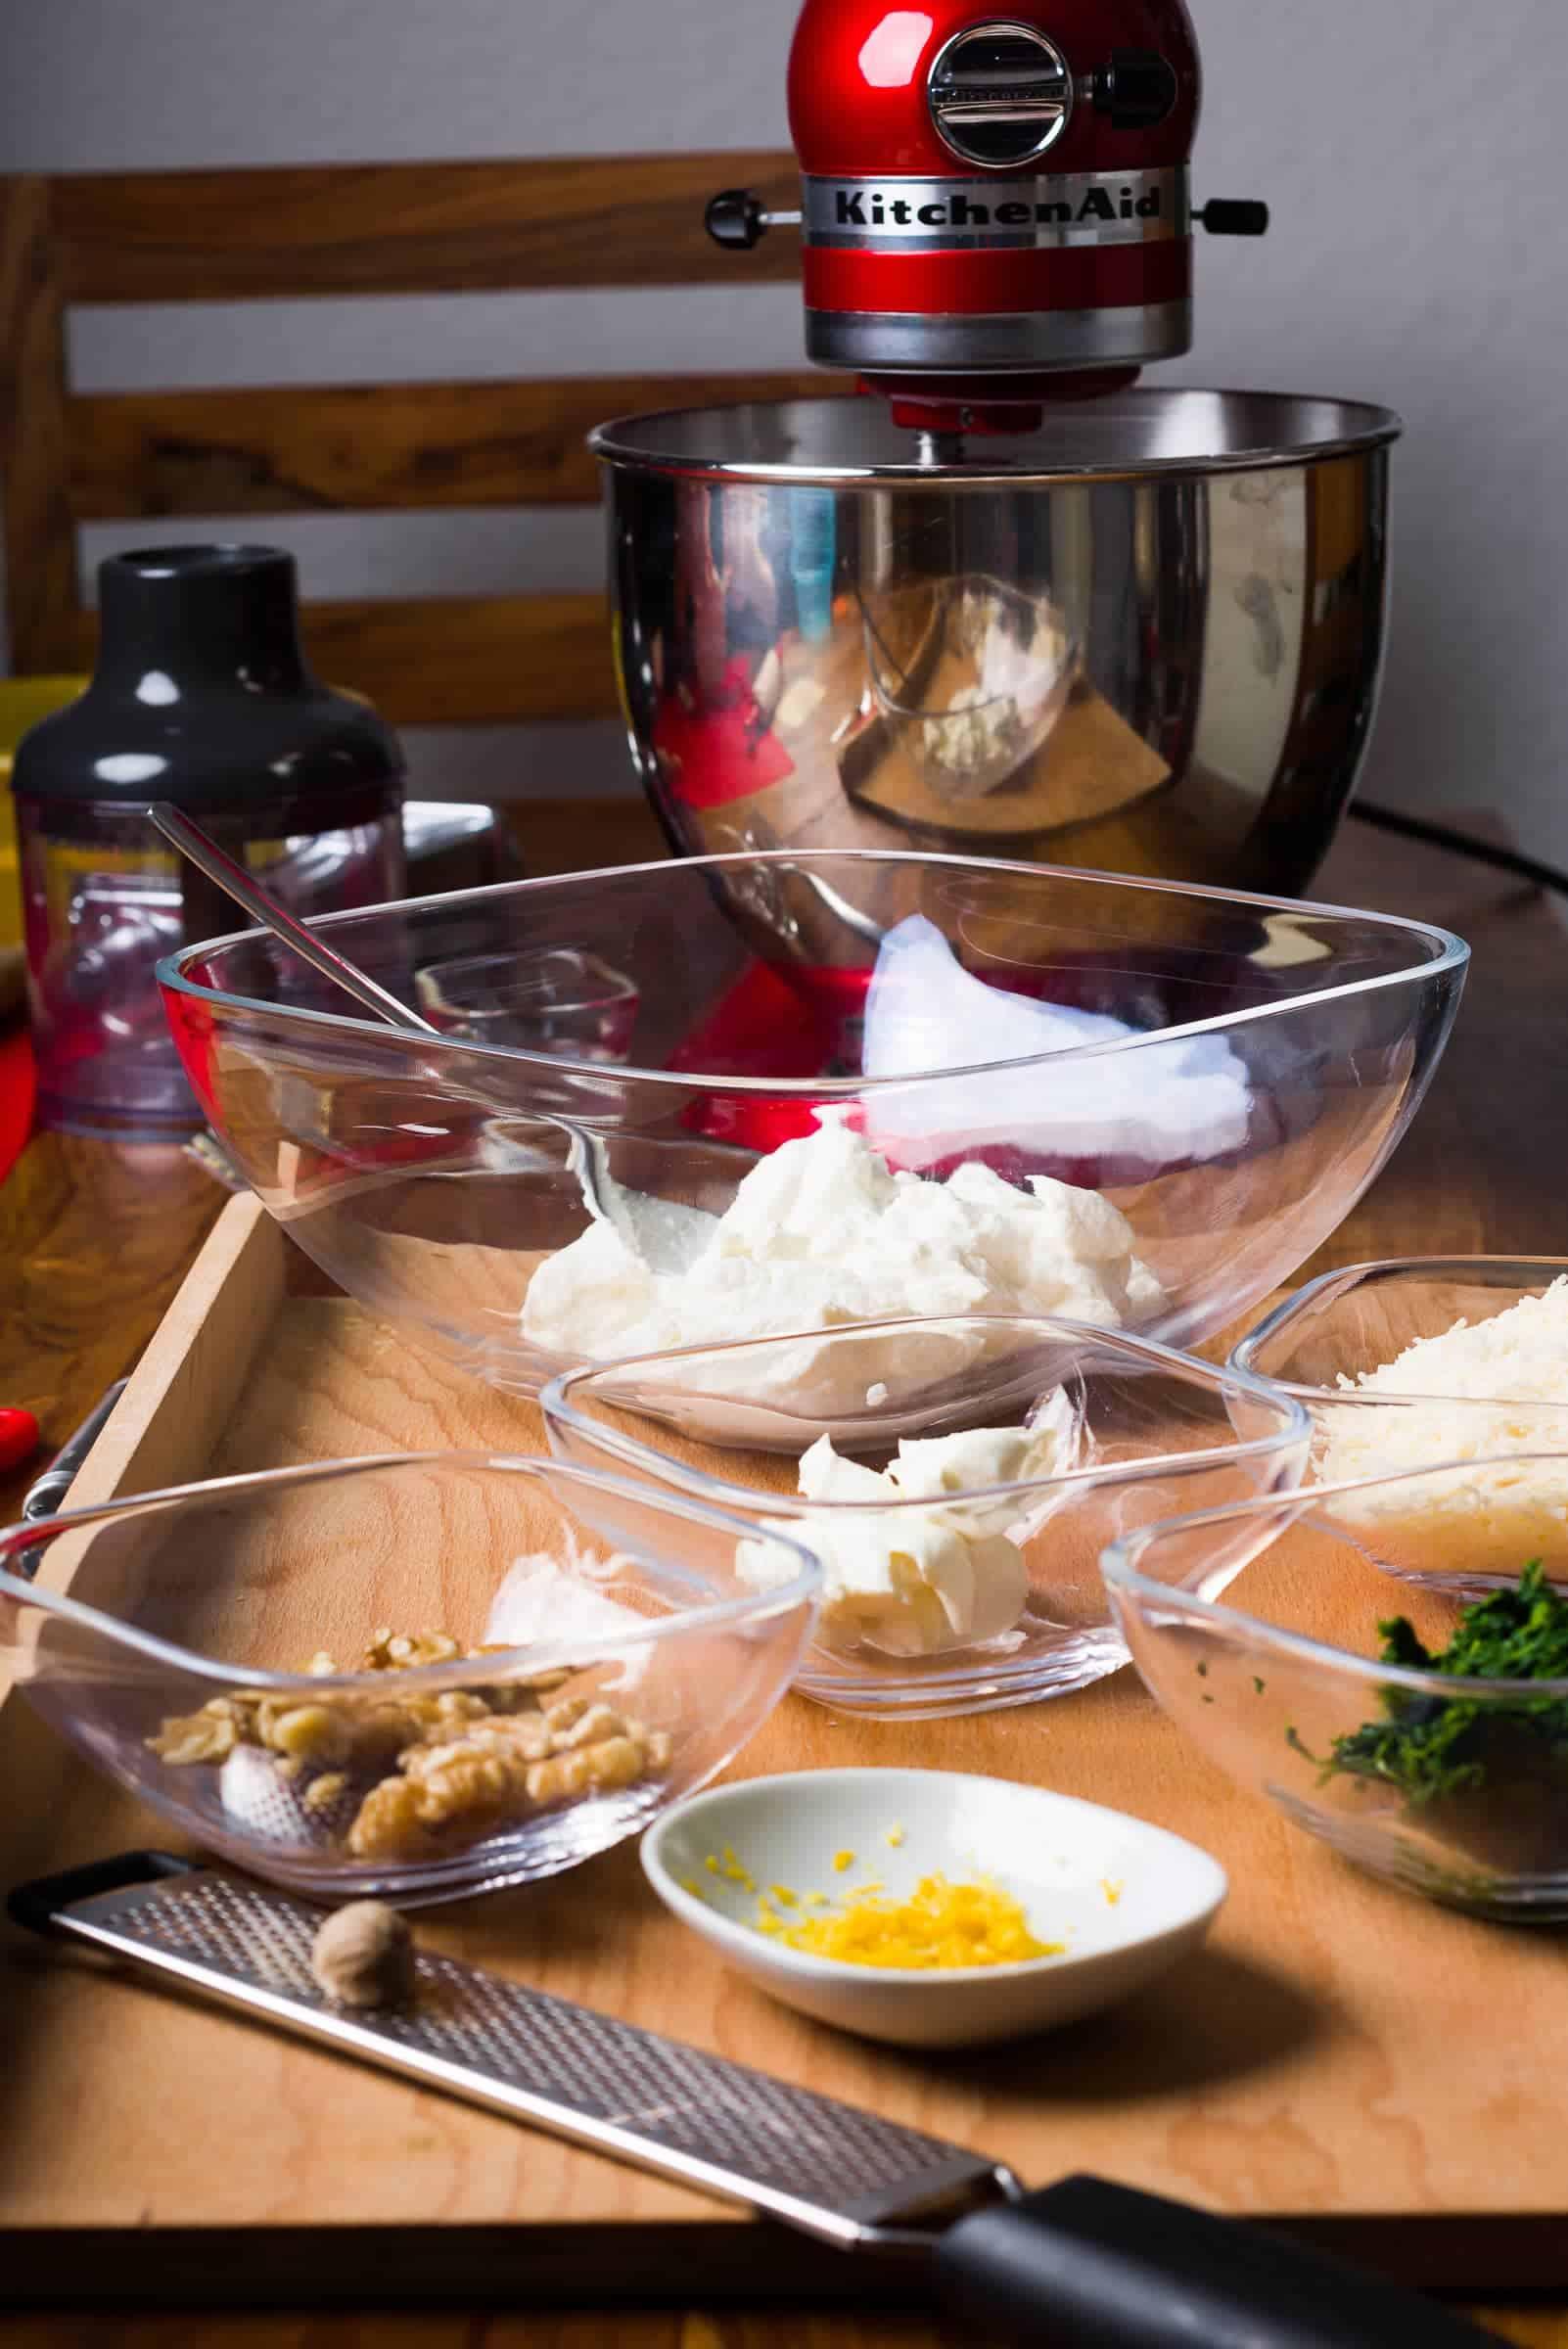 Ravioli con ricotta e spinaci ricetta GnamAm.com preparazione 3